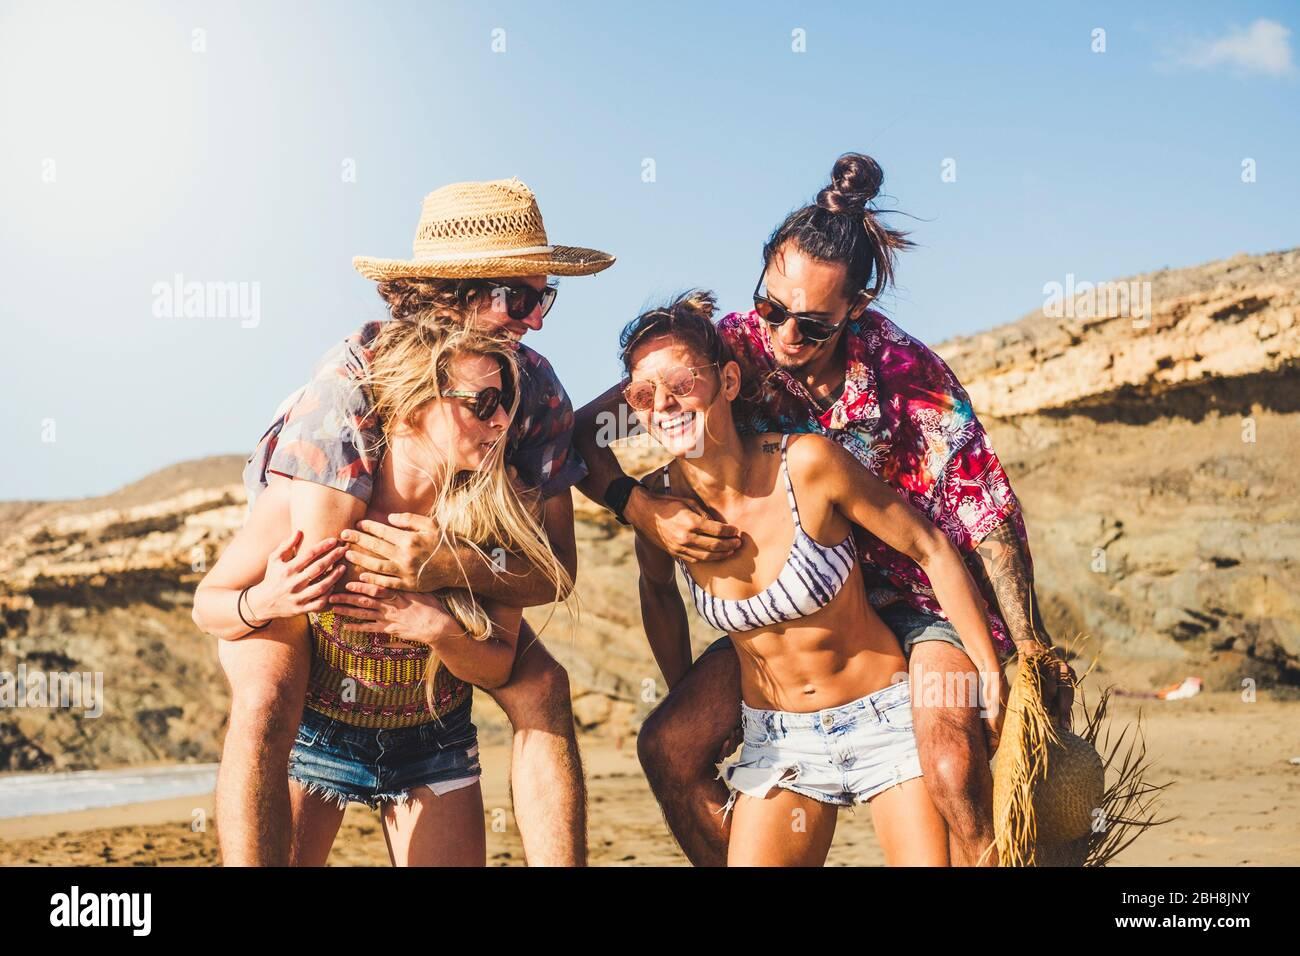 Gente allegra due coppie ridono e si divertono insieme - amici che godono la vacanza estiva al berach - ragazze che trasportano i ragazzi - bei giovani uomini e donne giocano in amicizia felice Foto Stock